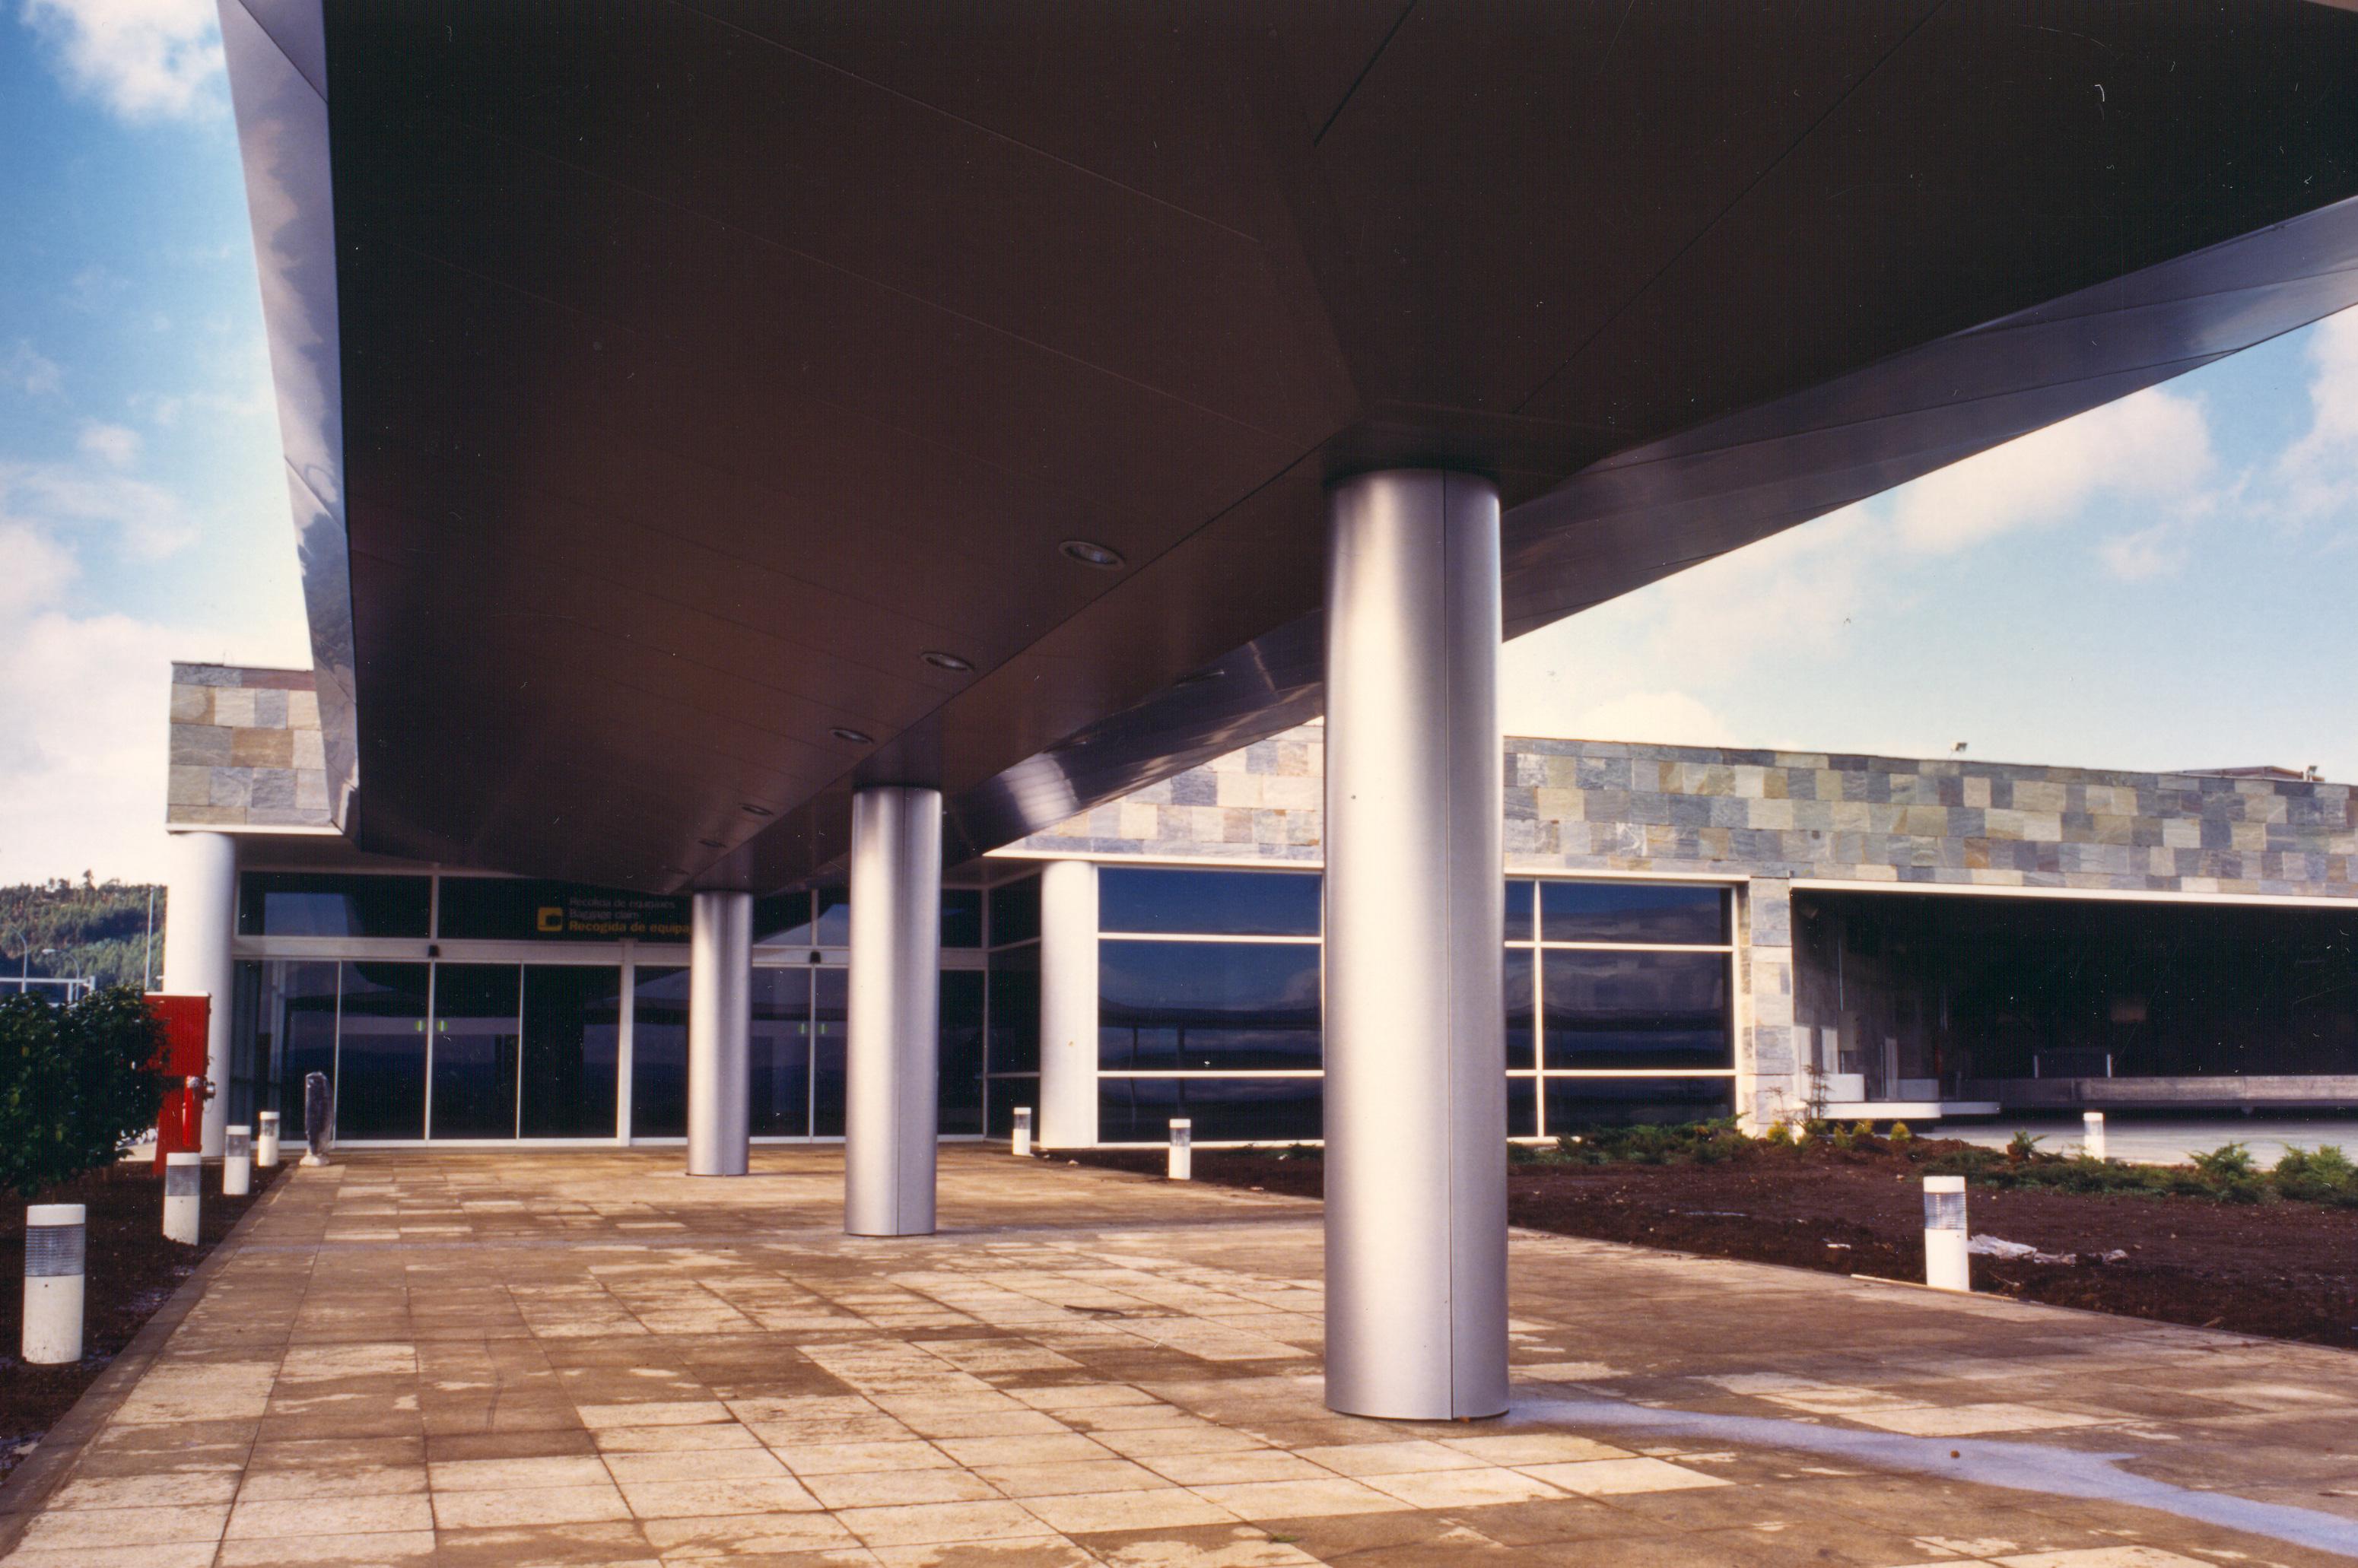 exteriores aeropuerto la Coruña